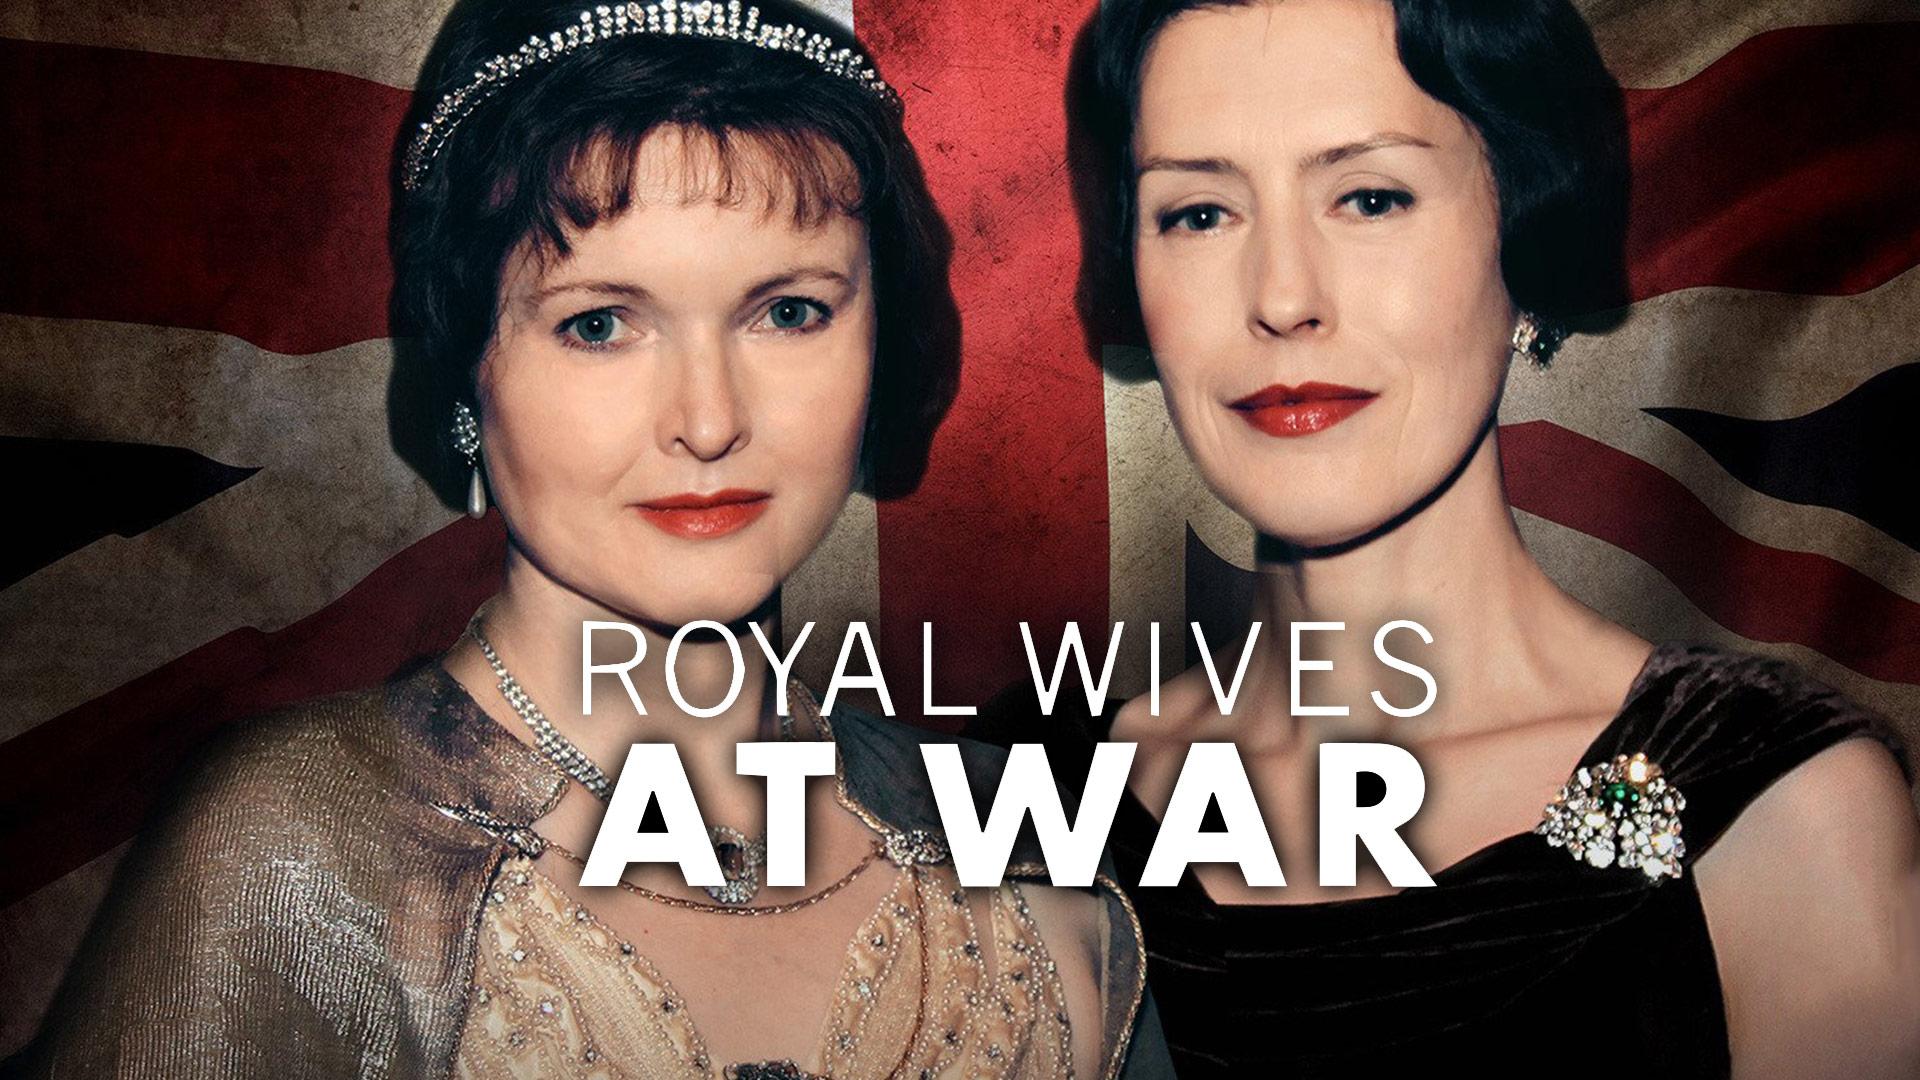 Royal Wives at War Season 1